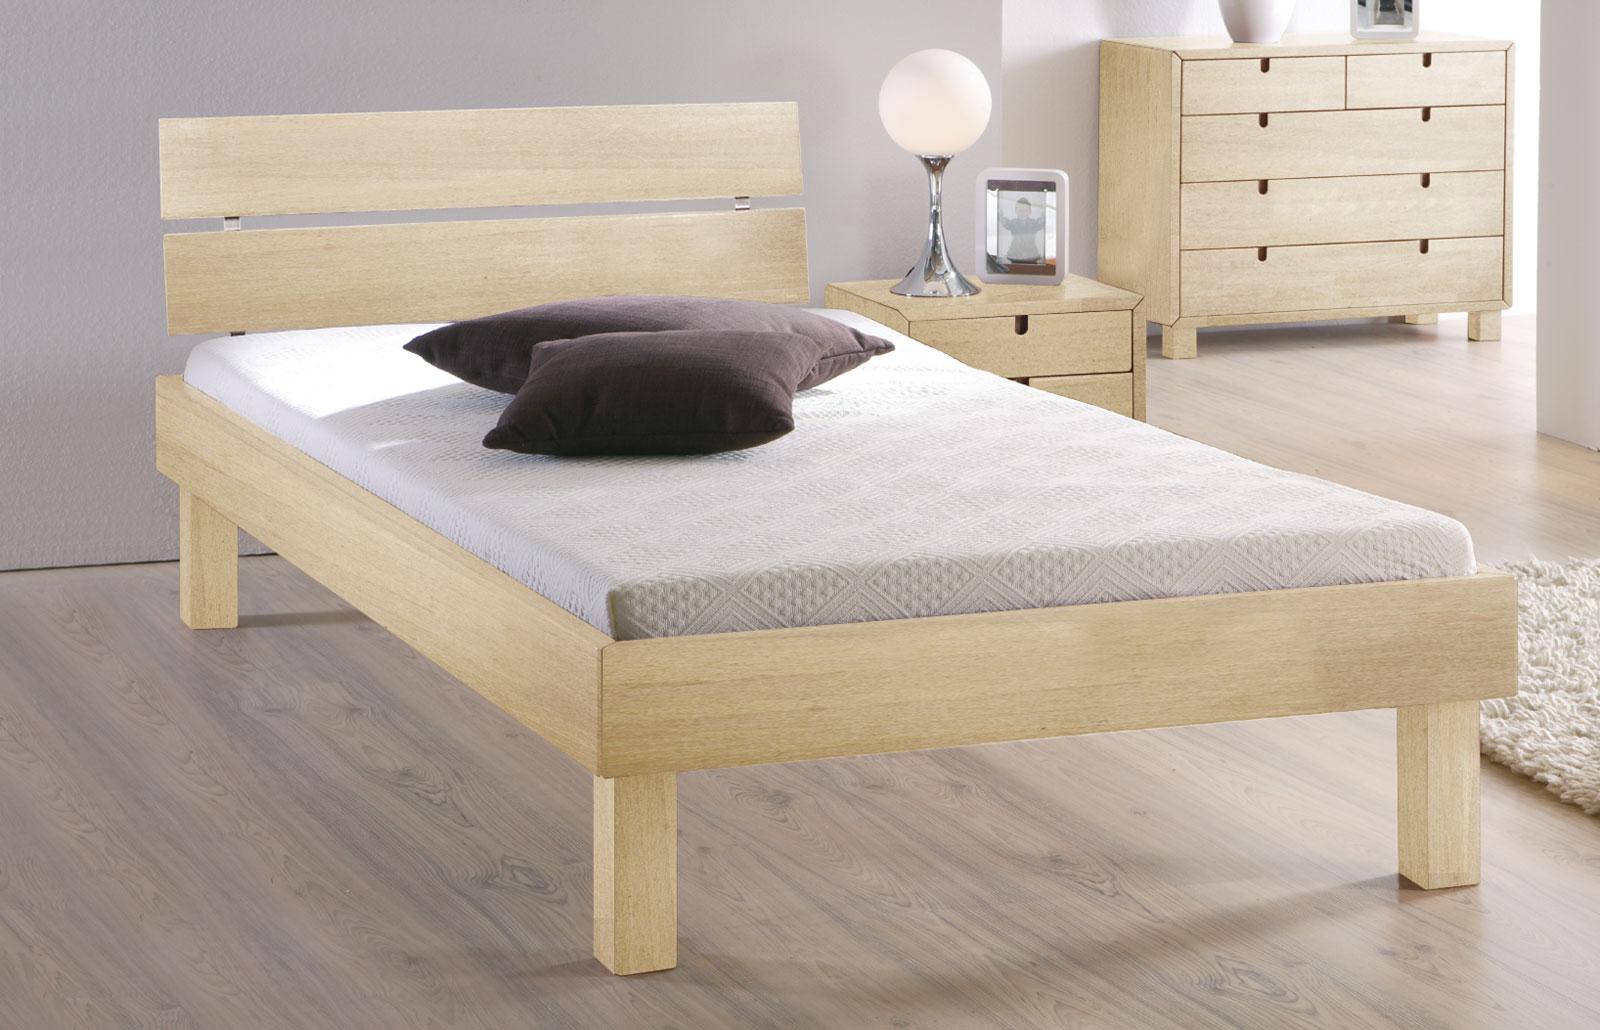 Doppelbett Madrid Komfort in weiß aus Buche